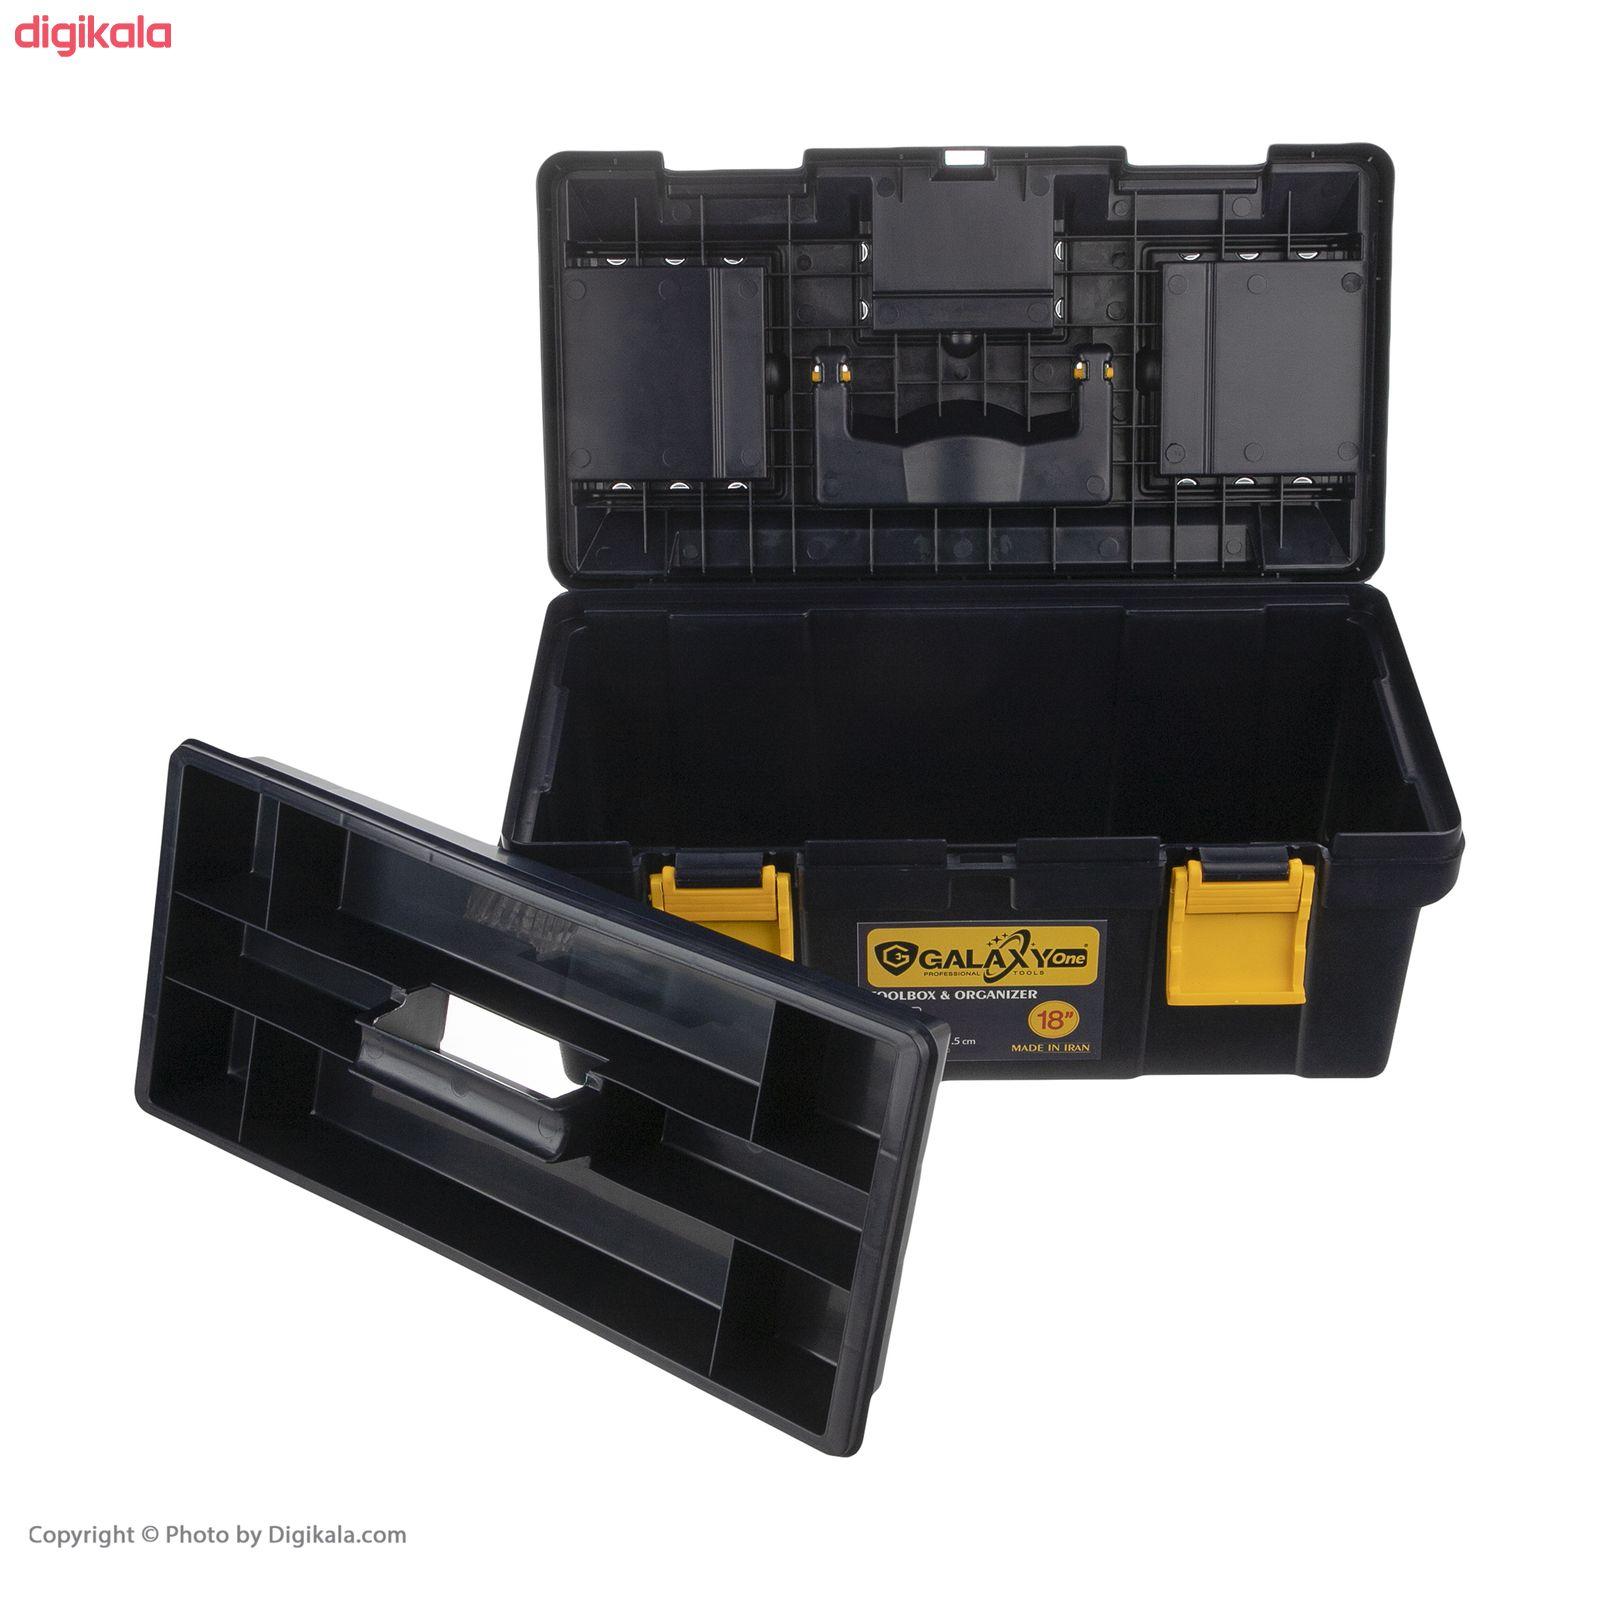 جعبه ابزار گلکسی وان مدل TB18 main 1 6